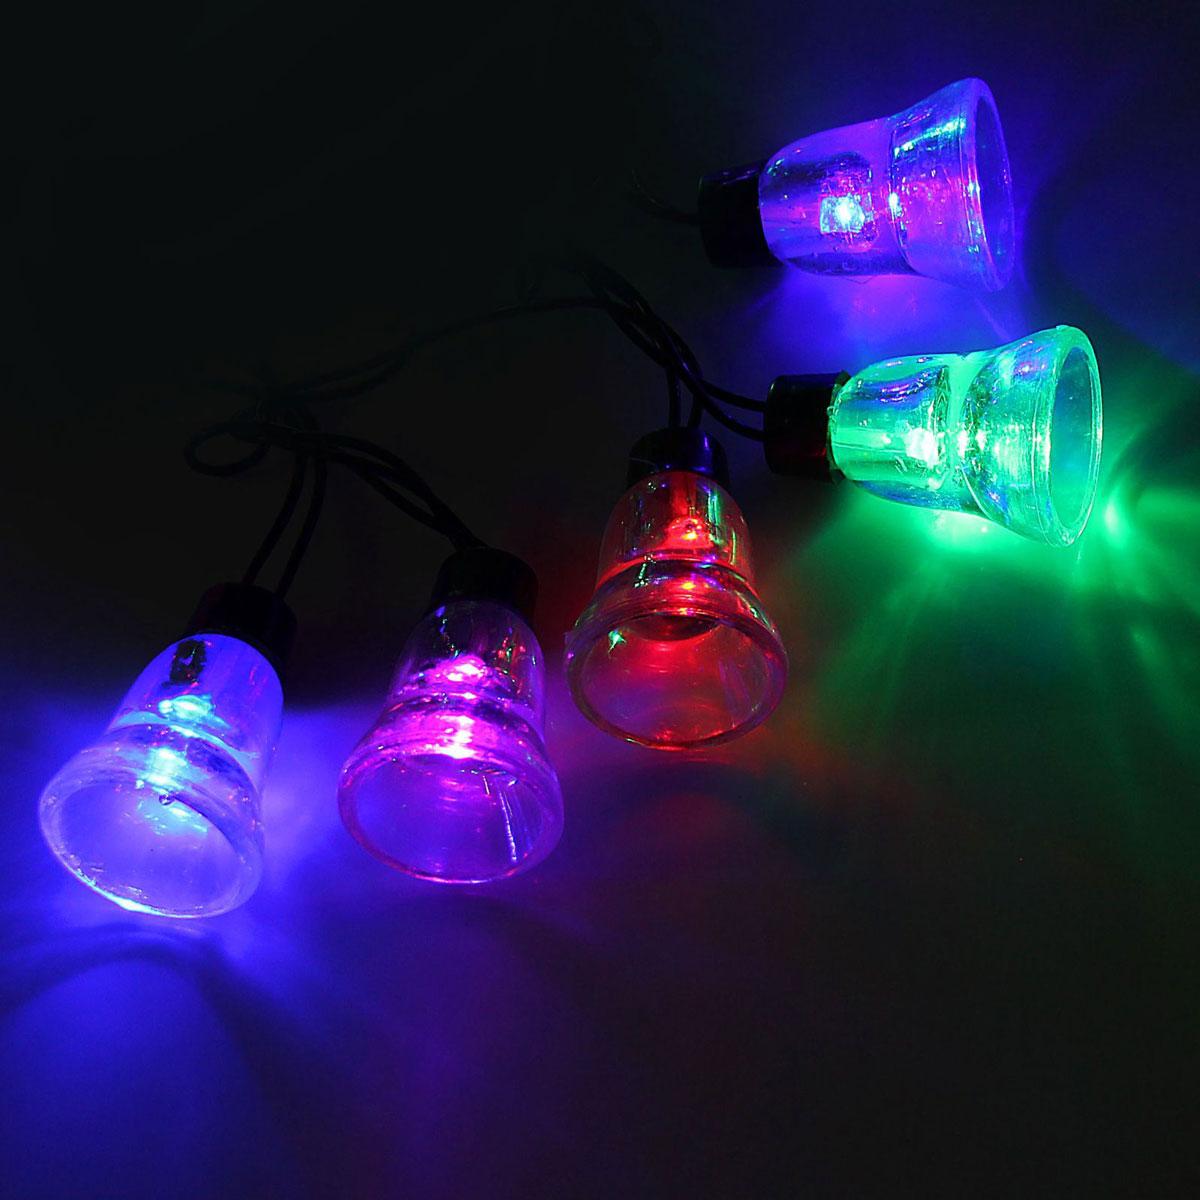 Гирлянда светодиодная Luazon Метраж. Колокол, уличная с насадкой, моргает, 30 ламп, 220 V, 5 м, цвет: мультиколор. 10801161080106Светодиодные гирлянды, ленты и т.д. — это отличный вариант для новогоднего оформления интерьера или фасада. С их помощью помещение любого размера можно превратить в праздничный зал, а внешние элементы зданий, украшенные ими, мгновенно станут напоминать очертания сказочного дворца. Такие украшения создают ауру предвкушения чуда. Деревья, фасады, витрины, окна и арки будто специально созданы, чтобы вы украсили их светящимися нитями.